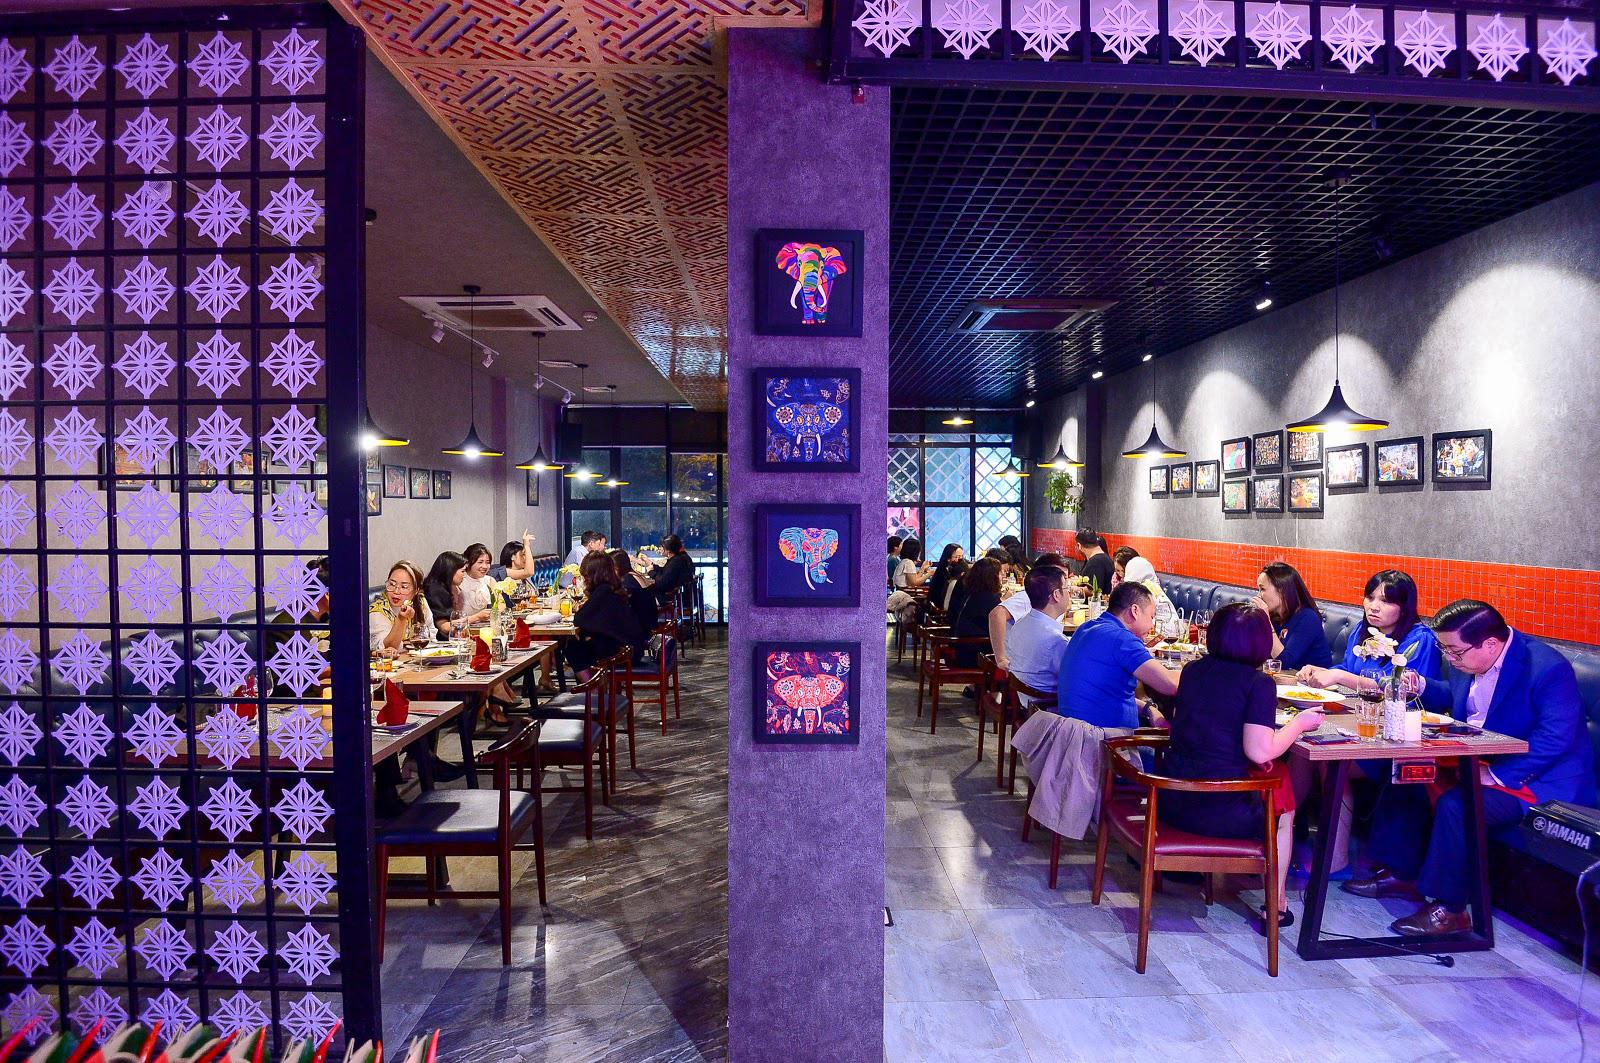 COCA Restaurant 75 Láng Hạ - nhà hàng đạt tiêu chuẩn Thai Select tại Việt Nam chính thức giới thiệu thực đơn mới cực sang chảnh - Ảnh 3.